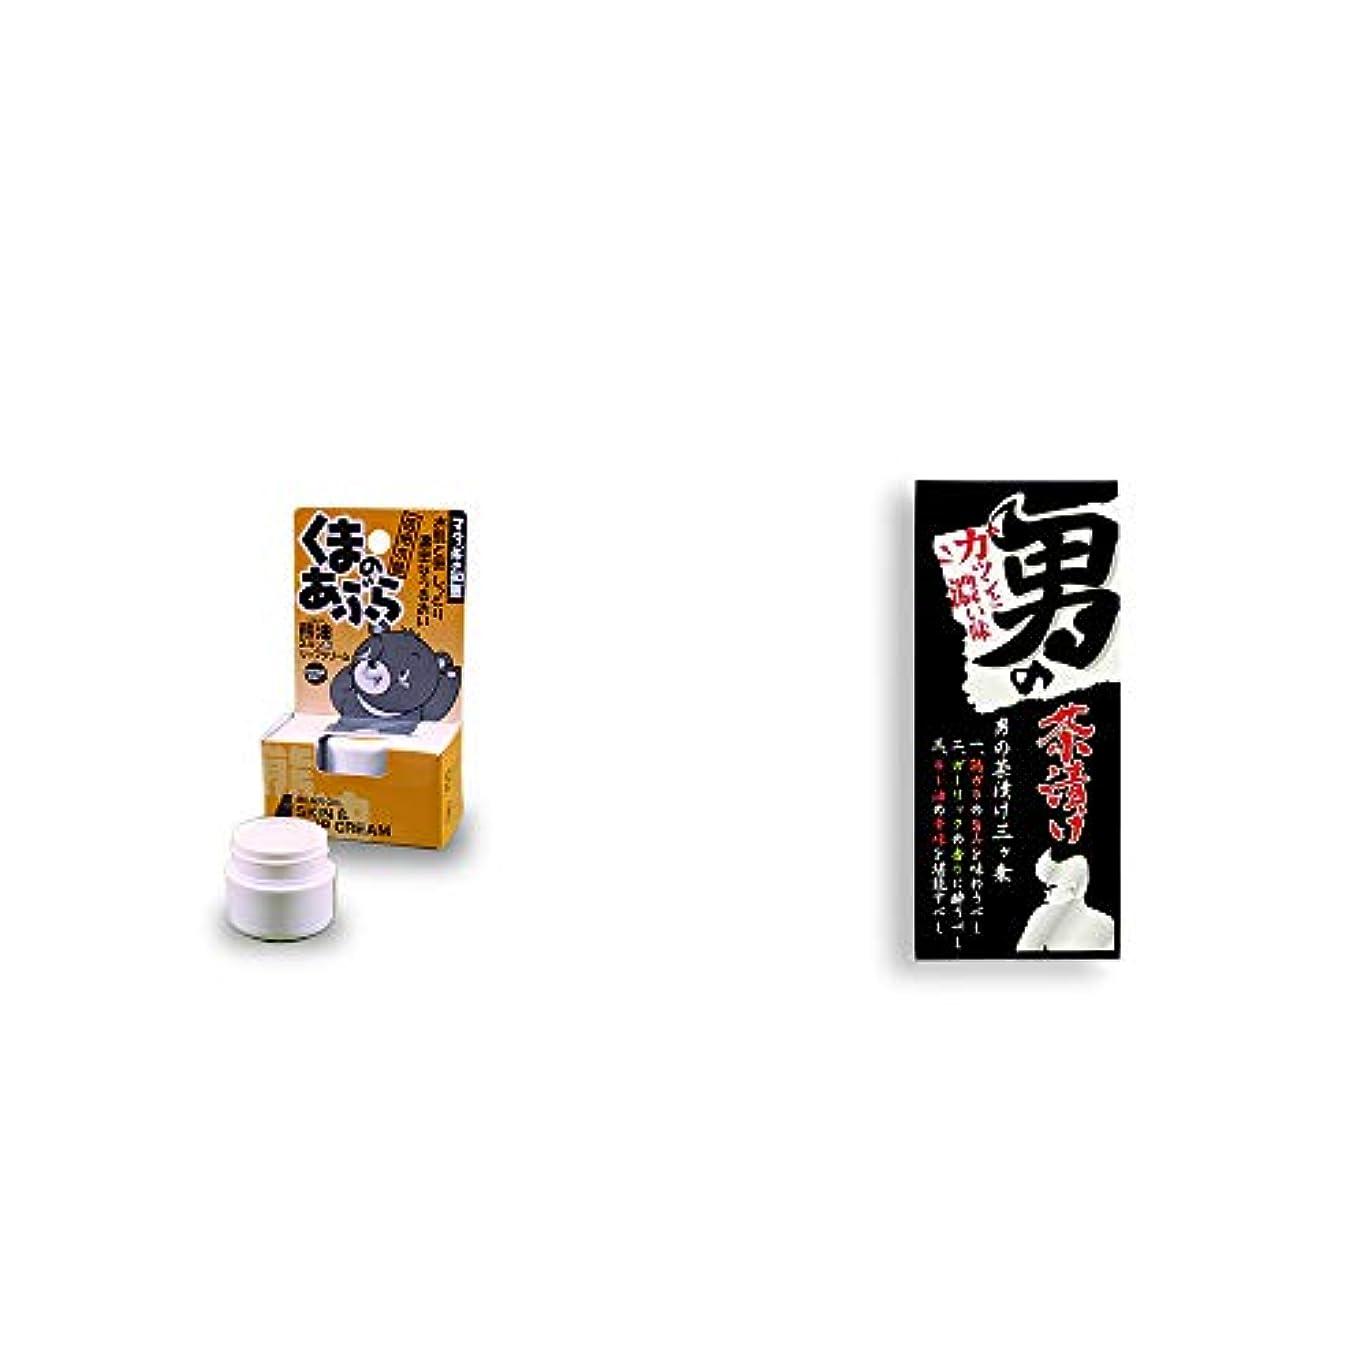 囲まれた尊厳三角[2点セット] 信州木曽 くまのあぶら 熊油スキン&リップクリーム(9g)?男の茶漬け(4.8g×8袋)